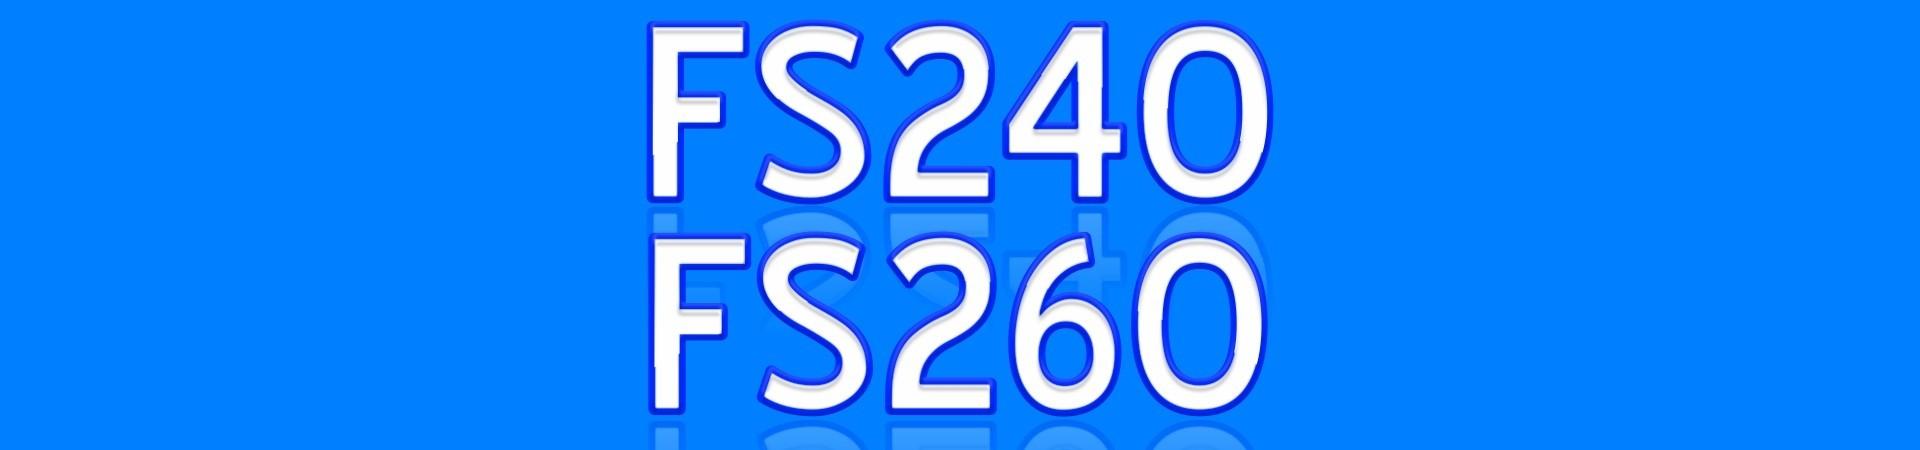 RECAMBIOS para Desbrozadora STIHL FS240 FS260